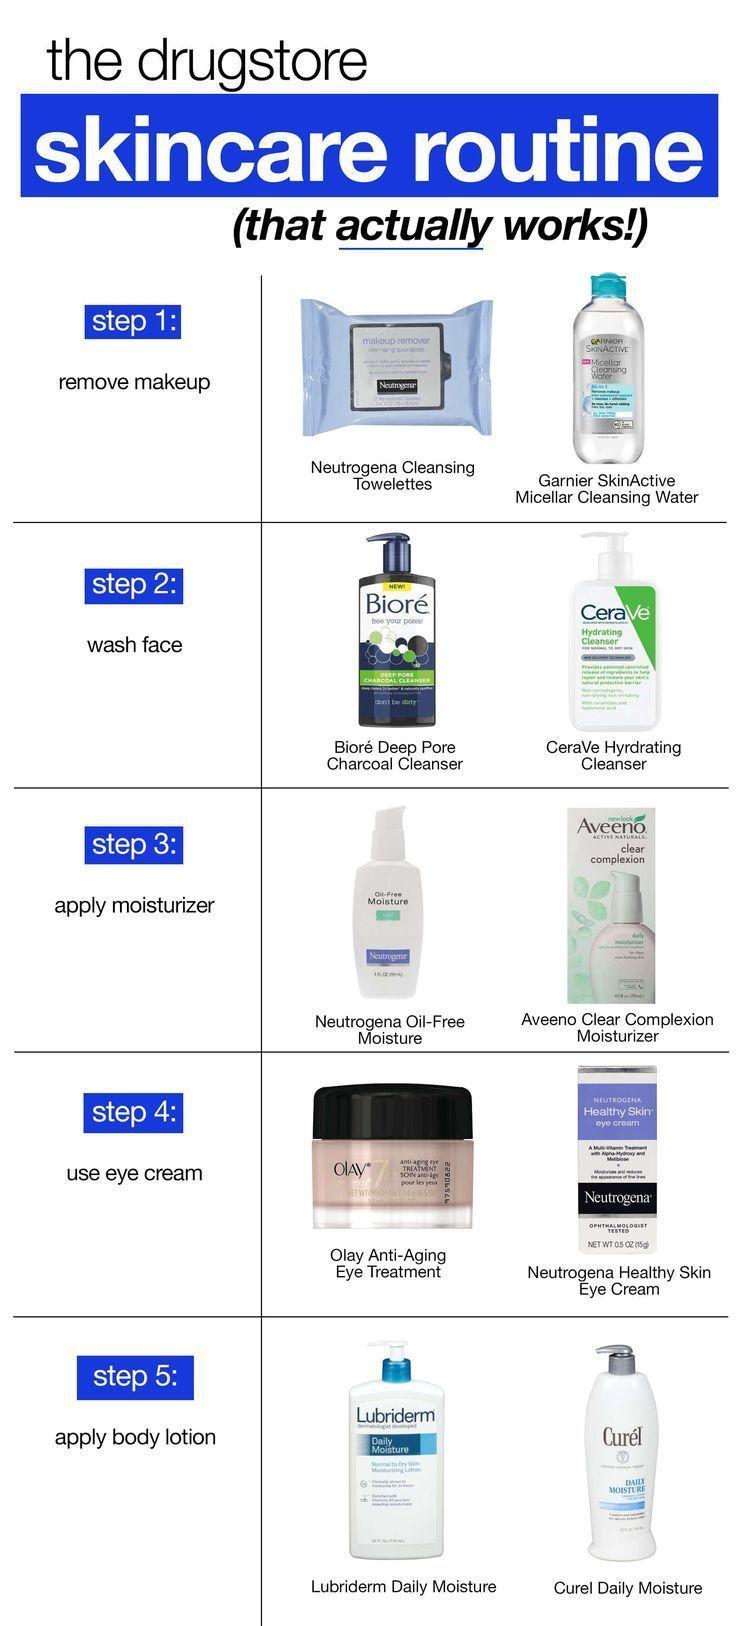 Die besten Hautpflegeprodukte unter 20 $ !! Sehen Sie meine Lieblings-Apotheke Hautpflege